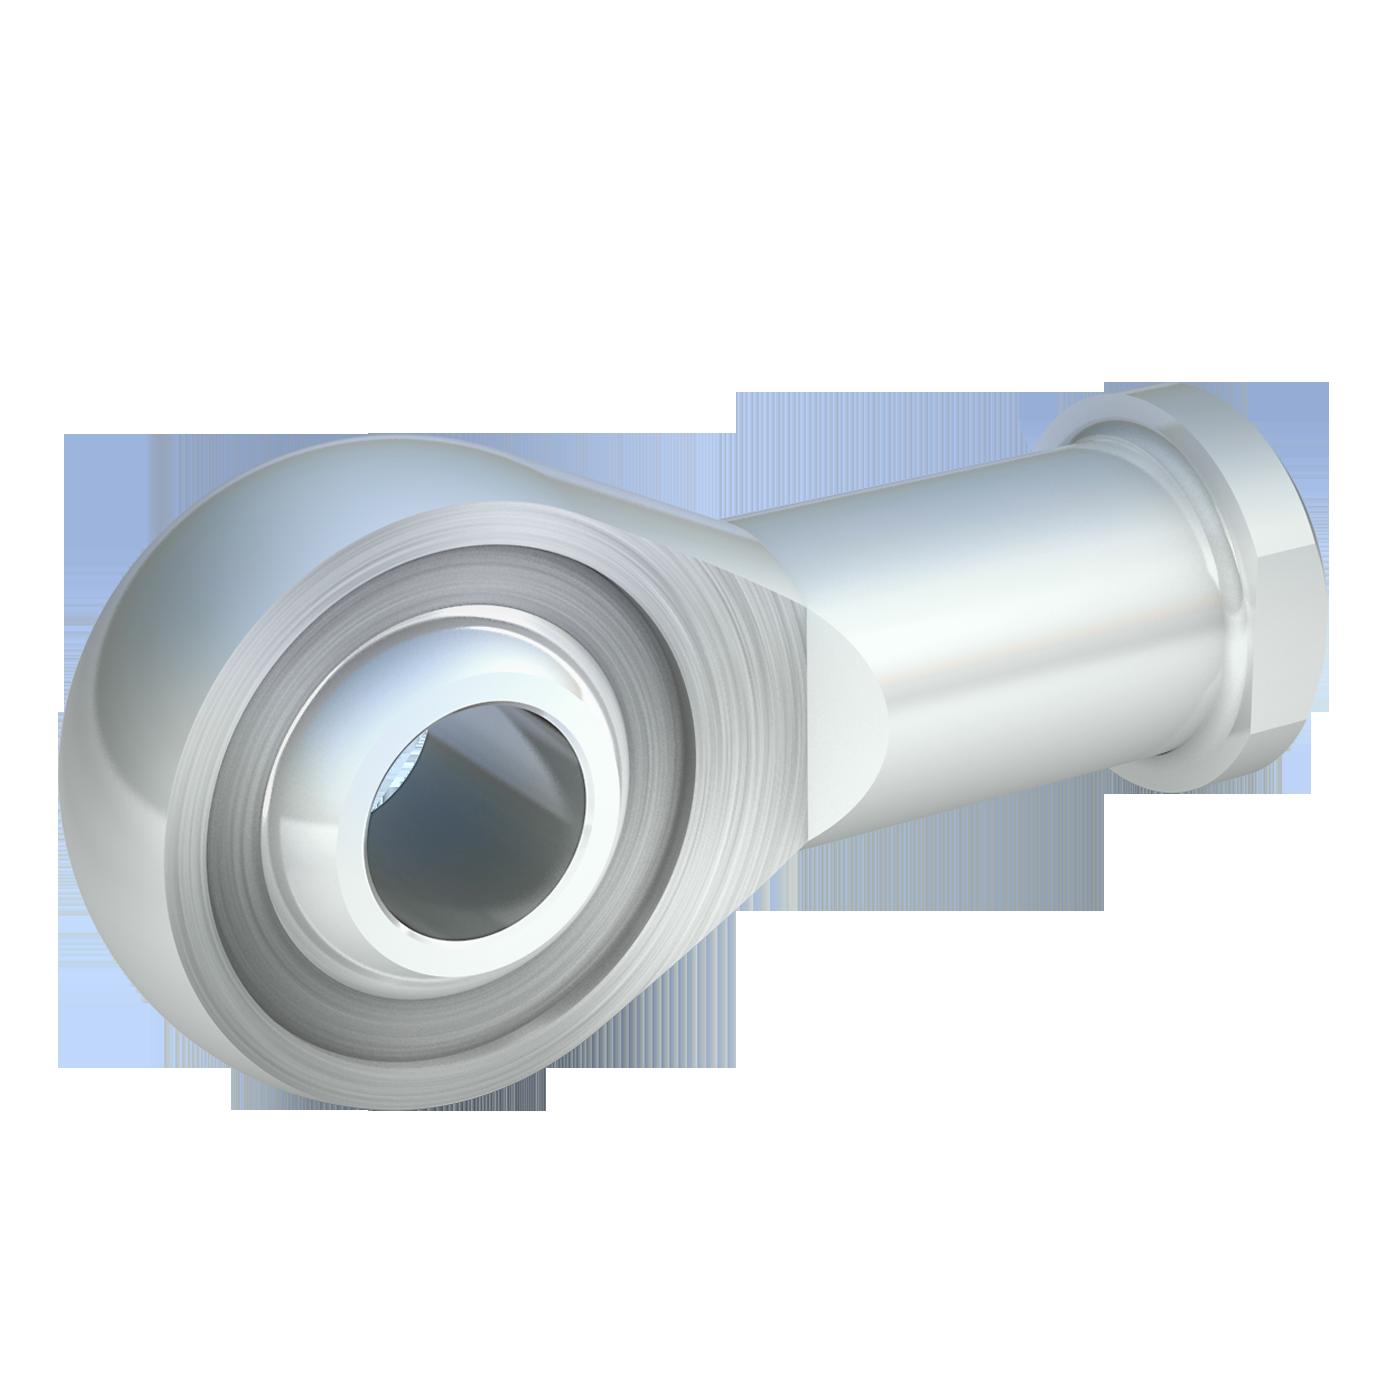 mbo Oßwald bietet Gelenkköpfe DIN 12240-4 (DIN 648) Maßreihe K in Stahl/Stahl Ausführung an. Diese gibt es mit Innengewinde, nachschmierbar, Werkstoff Stahl verzinkt.